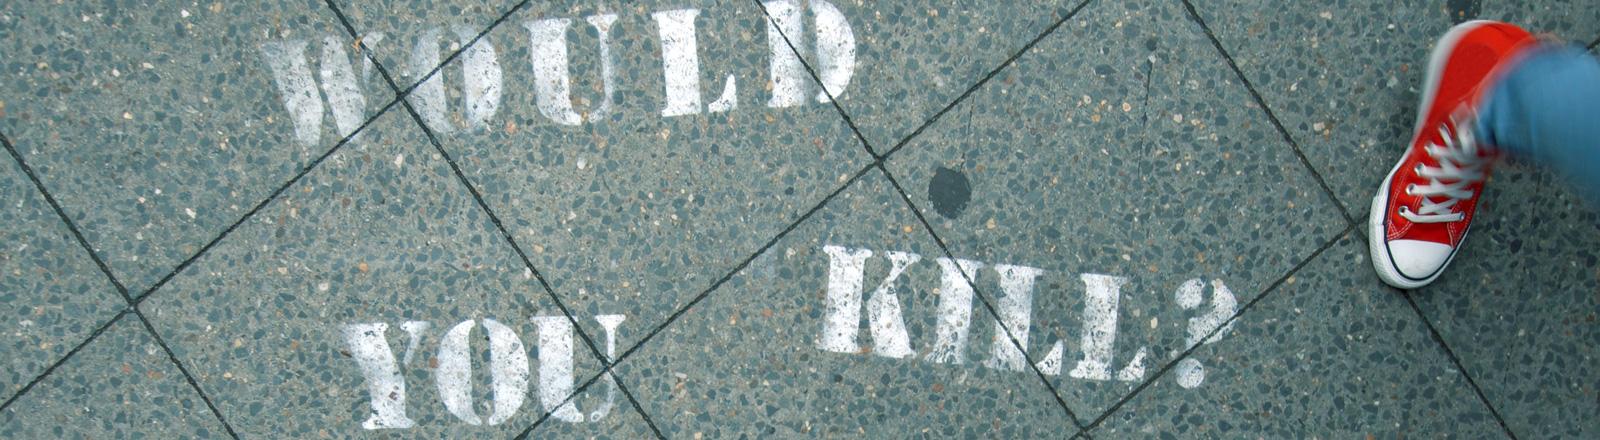 """Auf Bodenplatten steht gesprüht """"Would you kill?"""" - also """"Würdest du töten?"""". Zwei Paar Schuhe sind zu sehen."""